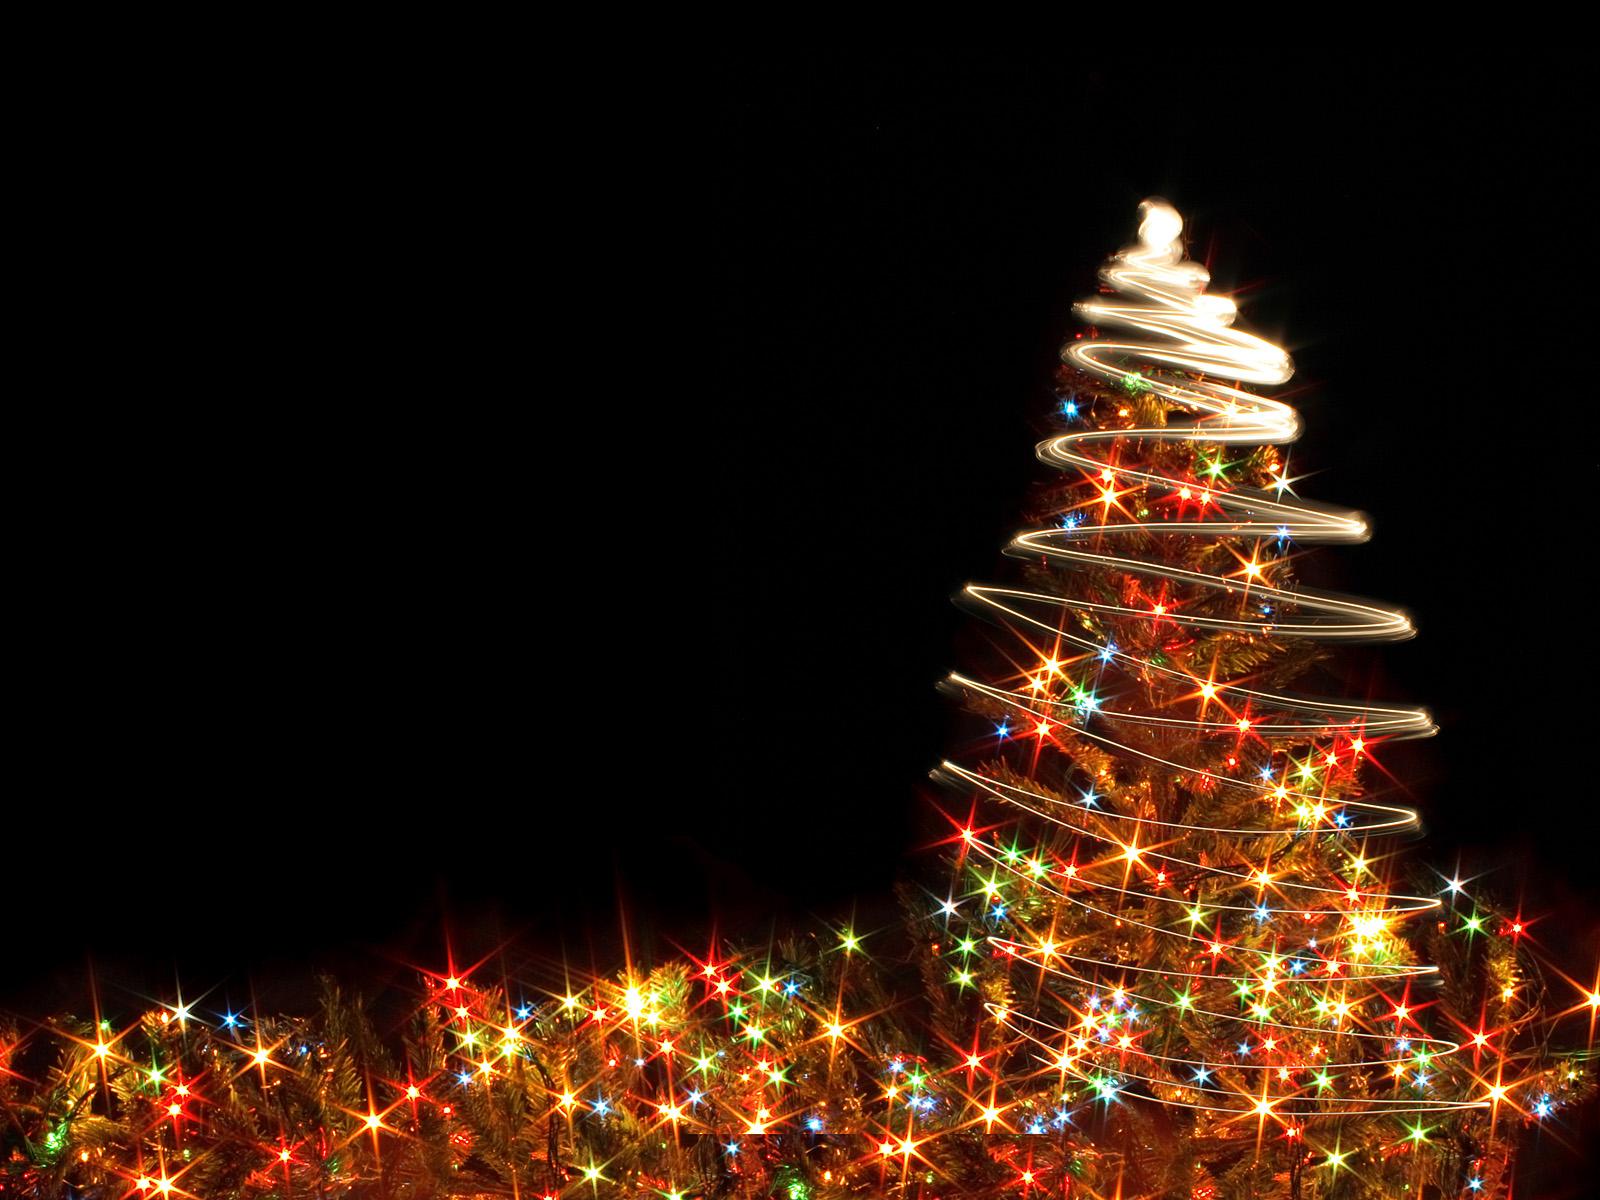 Best Desktop HD Wallpaper - Christmas lights wallpapers